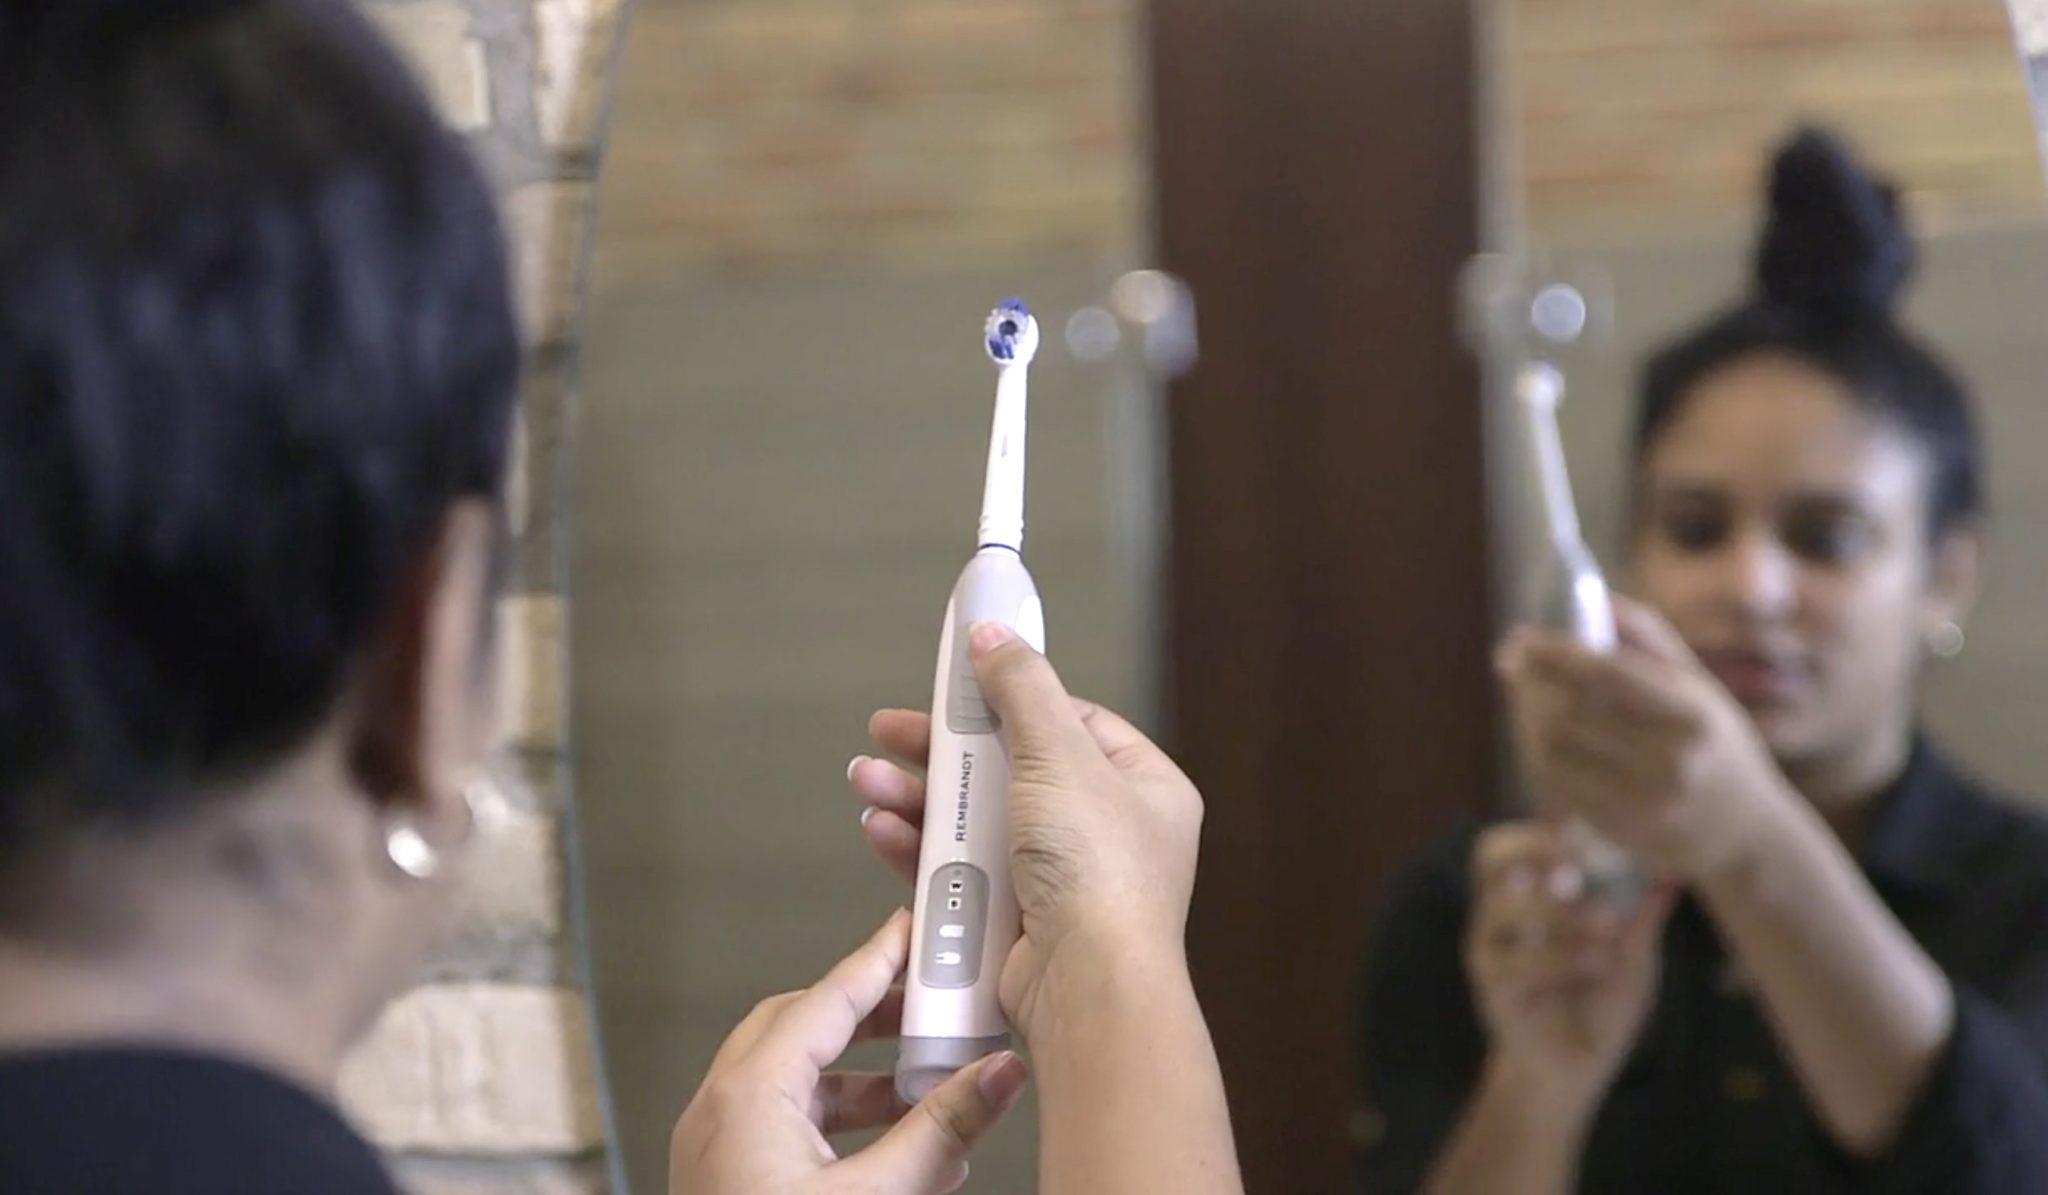 Блокчейн-щетка позволяет добывать криптомонеты при чистке зубов!